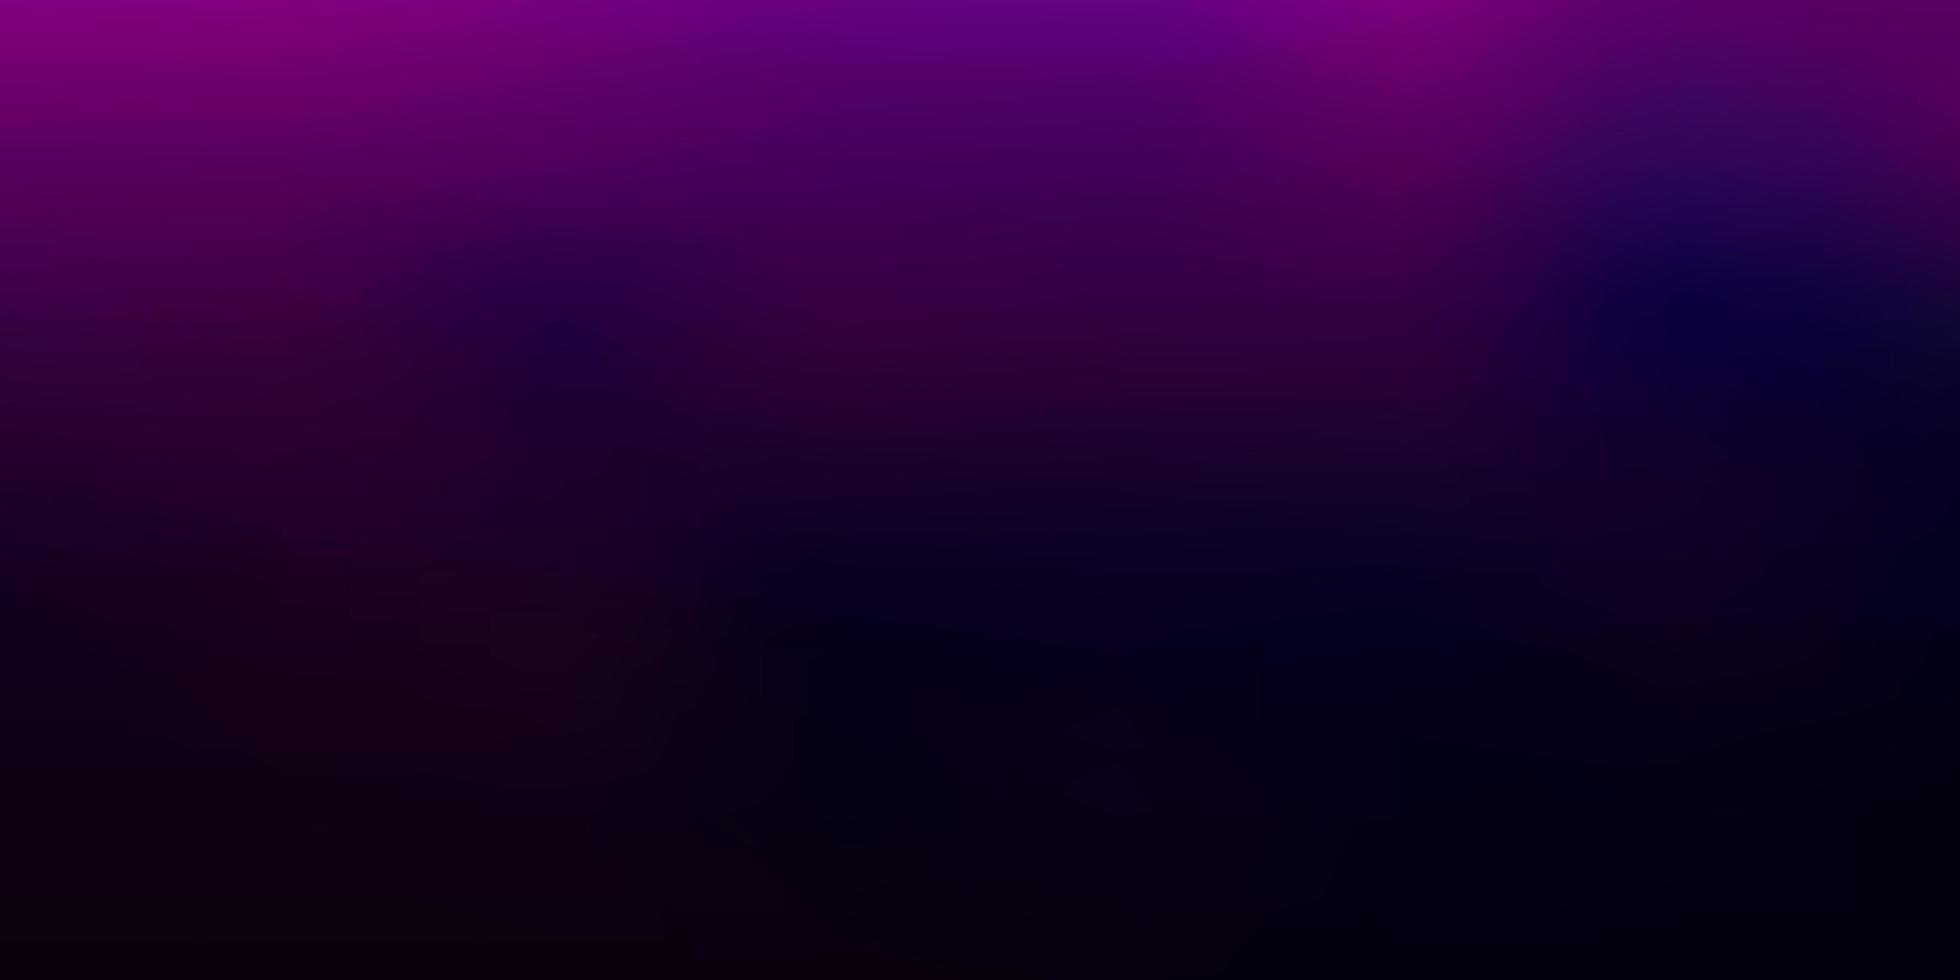 hellpurpurner, rosa Vektorgradienten-Unschärfehintergrund. vektor